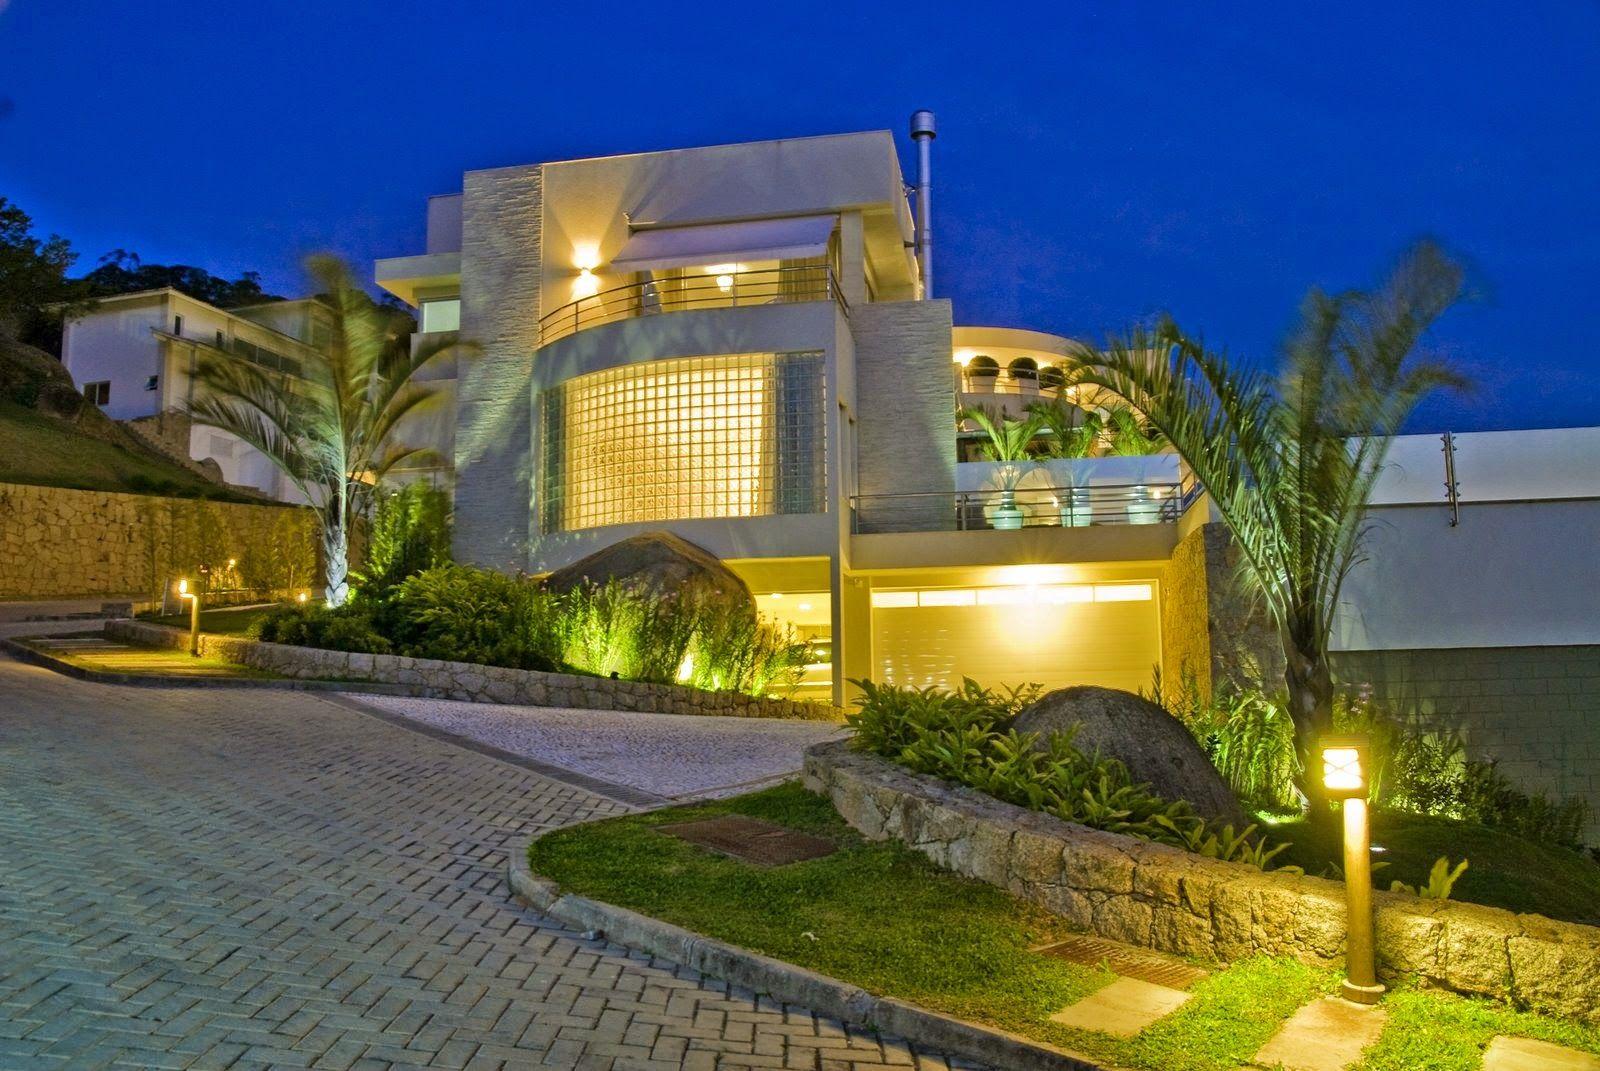 Fachadas de casas modernas com paisagismo e iluminação! - DecorSalteado